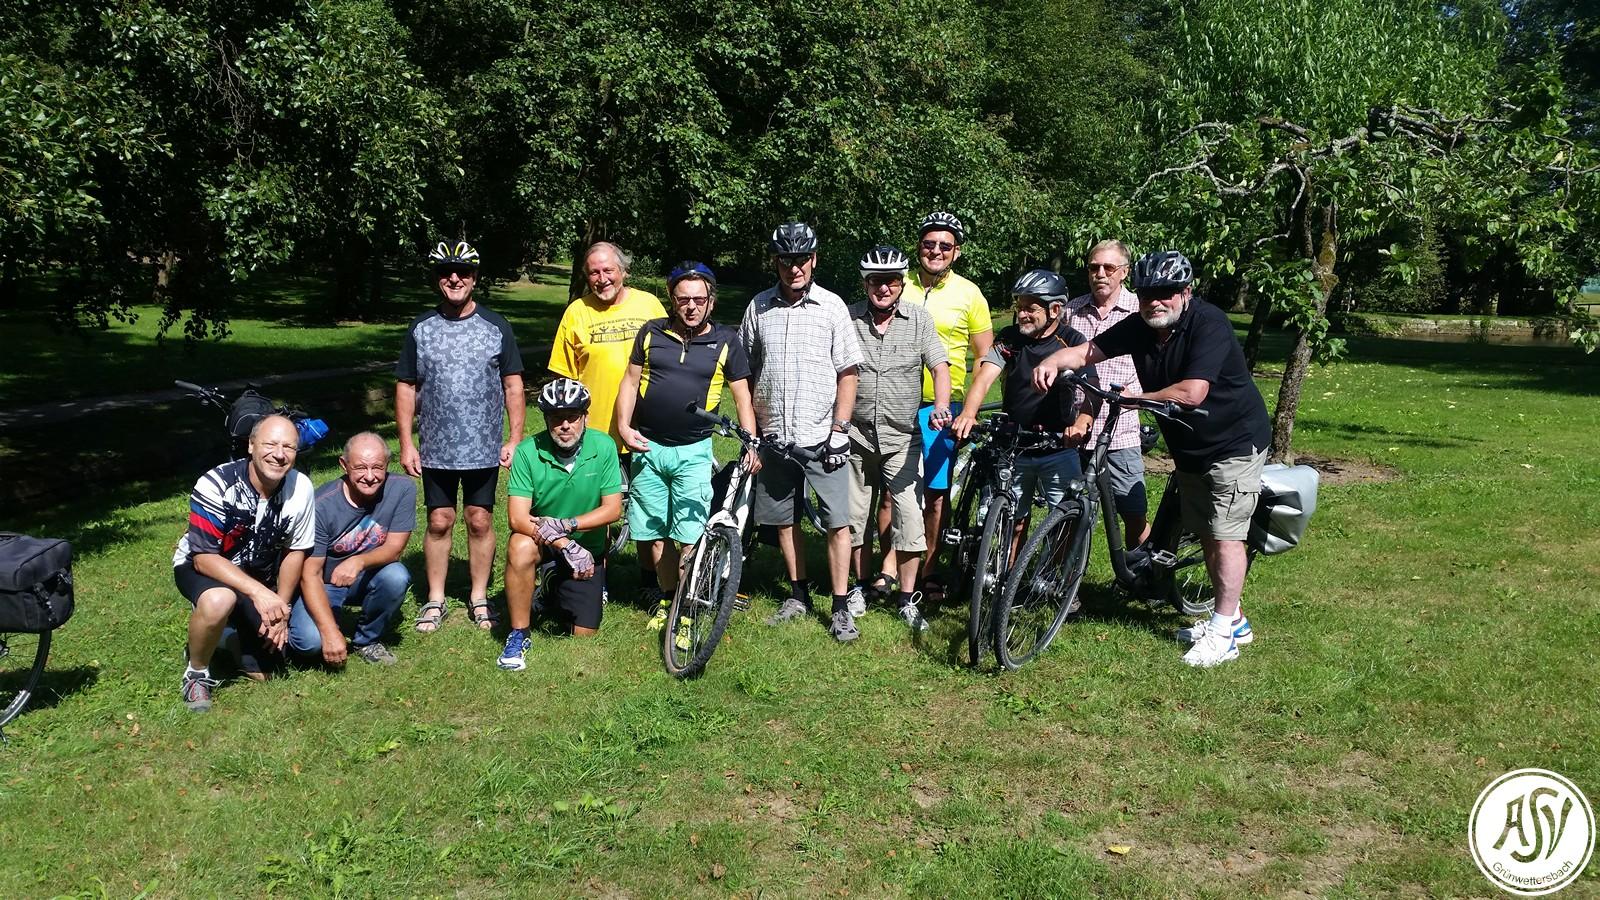 Radtour am 30.08.2016 in der Pfalz